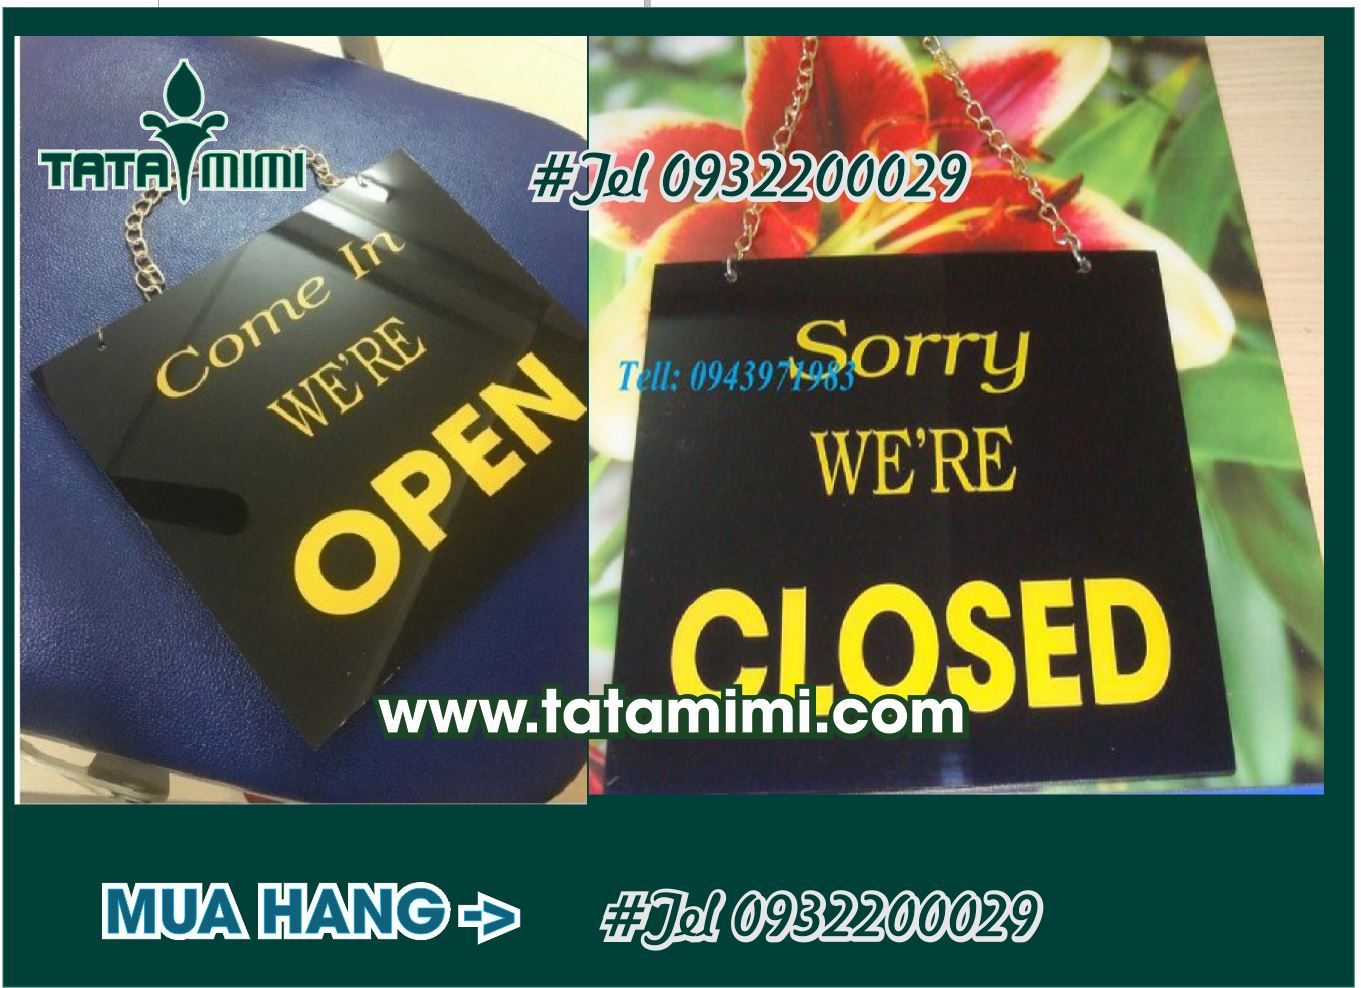 Nhiều mẫu biển open closed